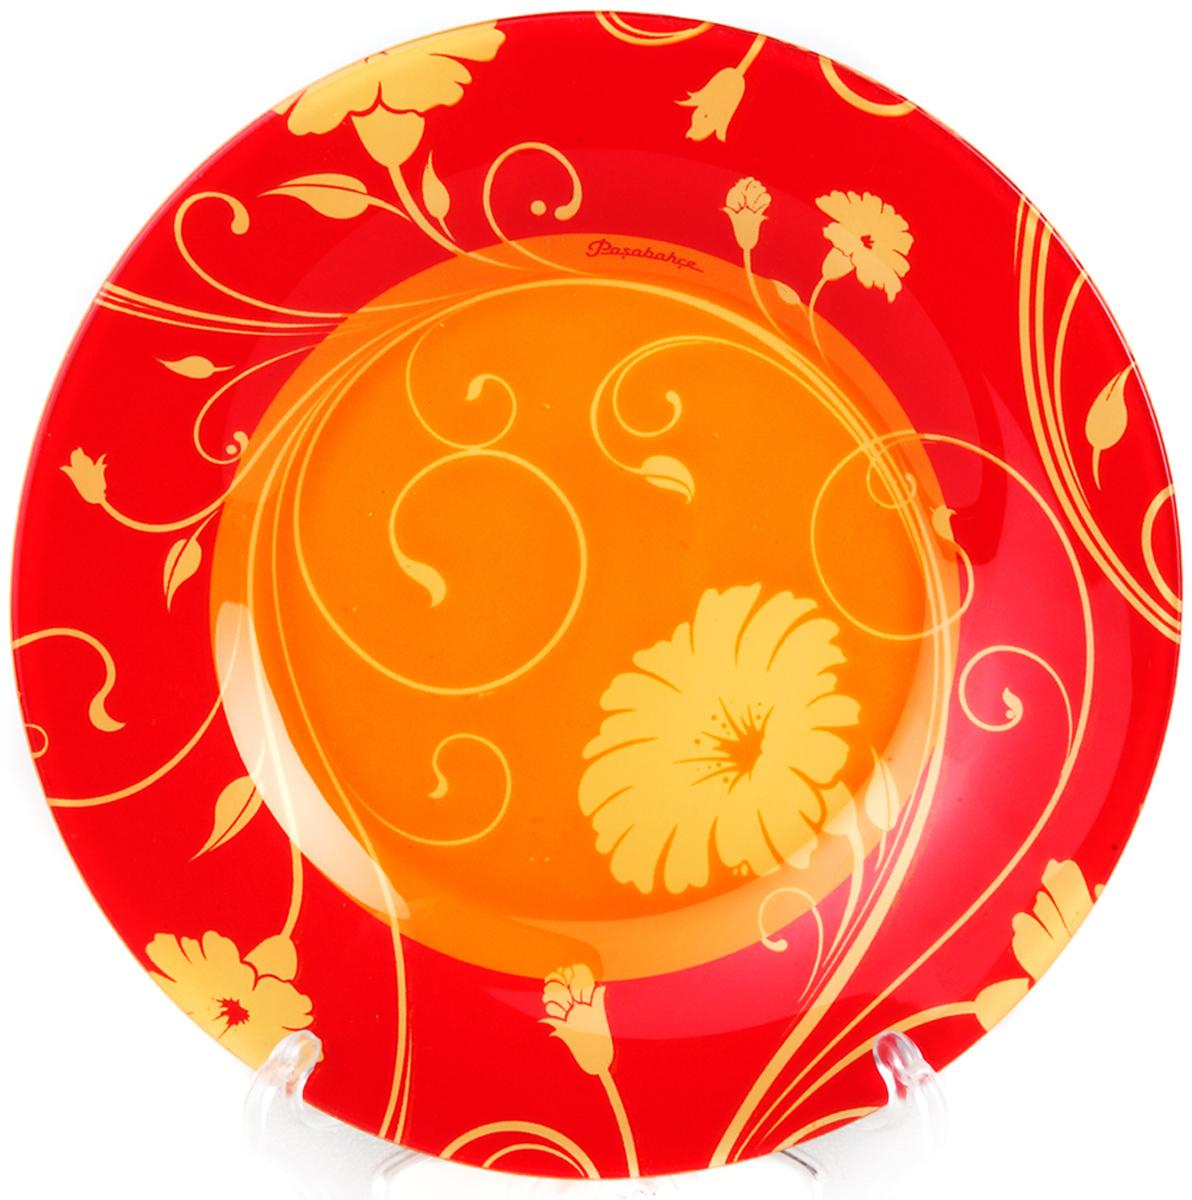 Тарелка Pasabahce Оранж серенейд, цвет: оранжевый, диаметр 26 см10328SLBD1Тарелка из закаленного стекла SERENADE d=260 мм (на оранжевом фоне желтые цветы)